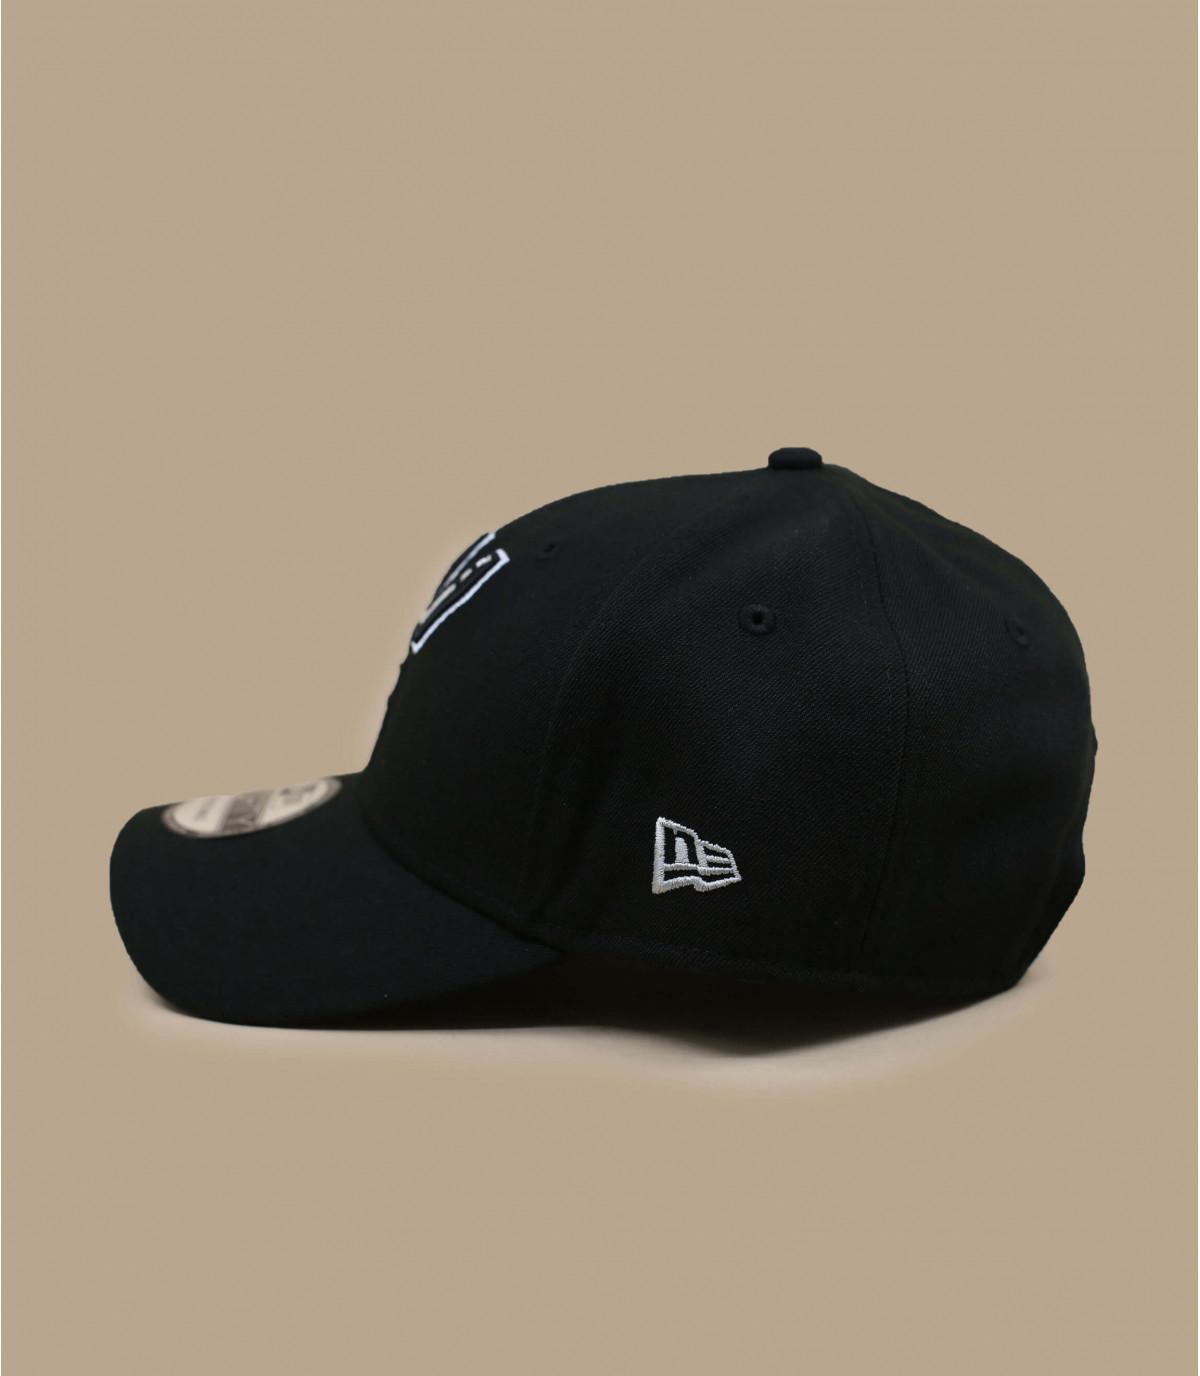 casquette Spurs NBA noir